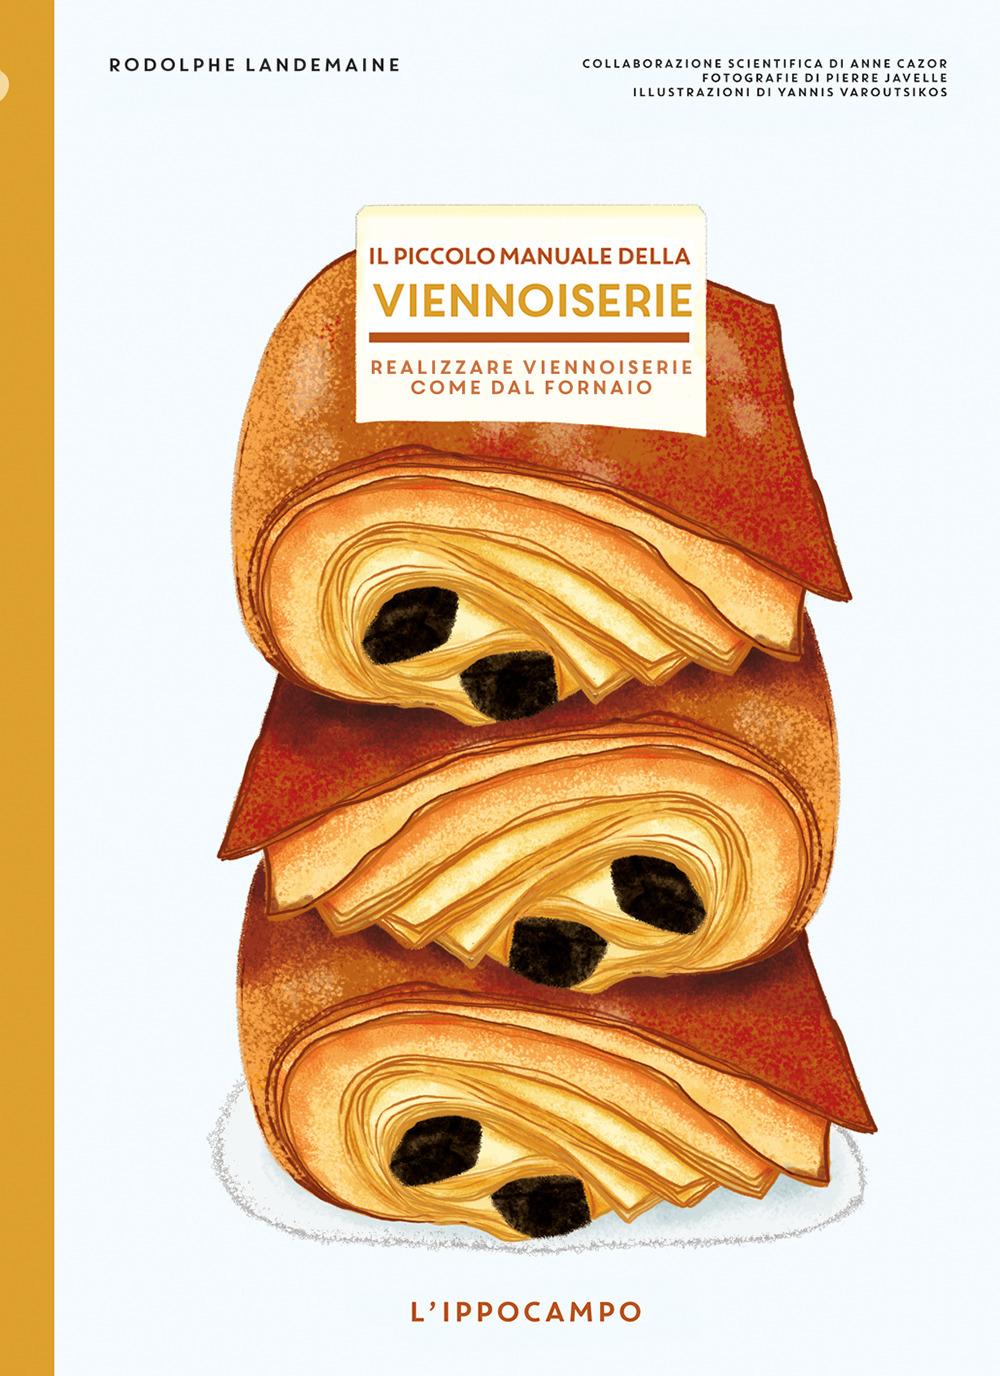 Il piccolo manuale della viennoiserie. Realizzare viennoiserie come dal fornaio. Ediz. illustrata